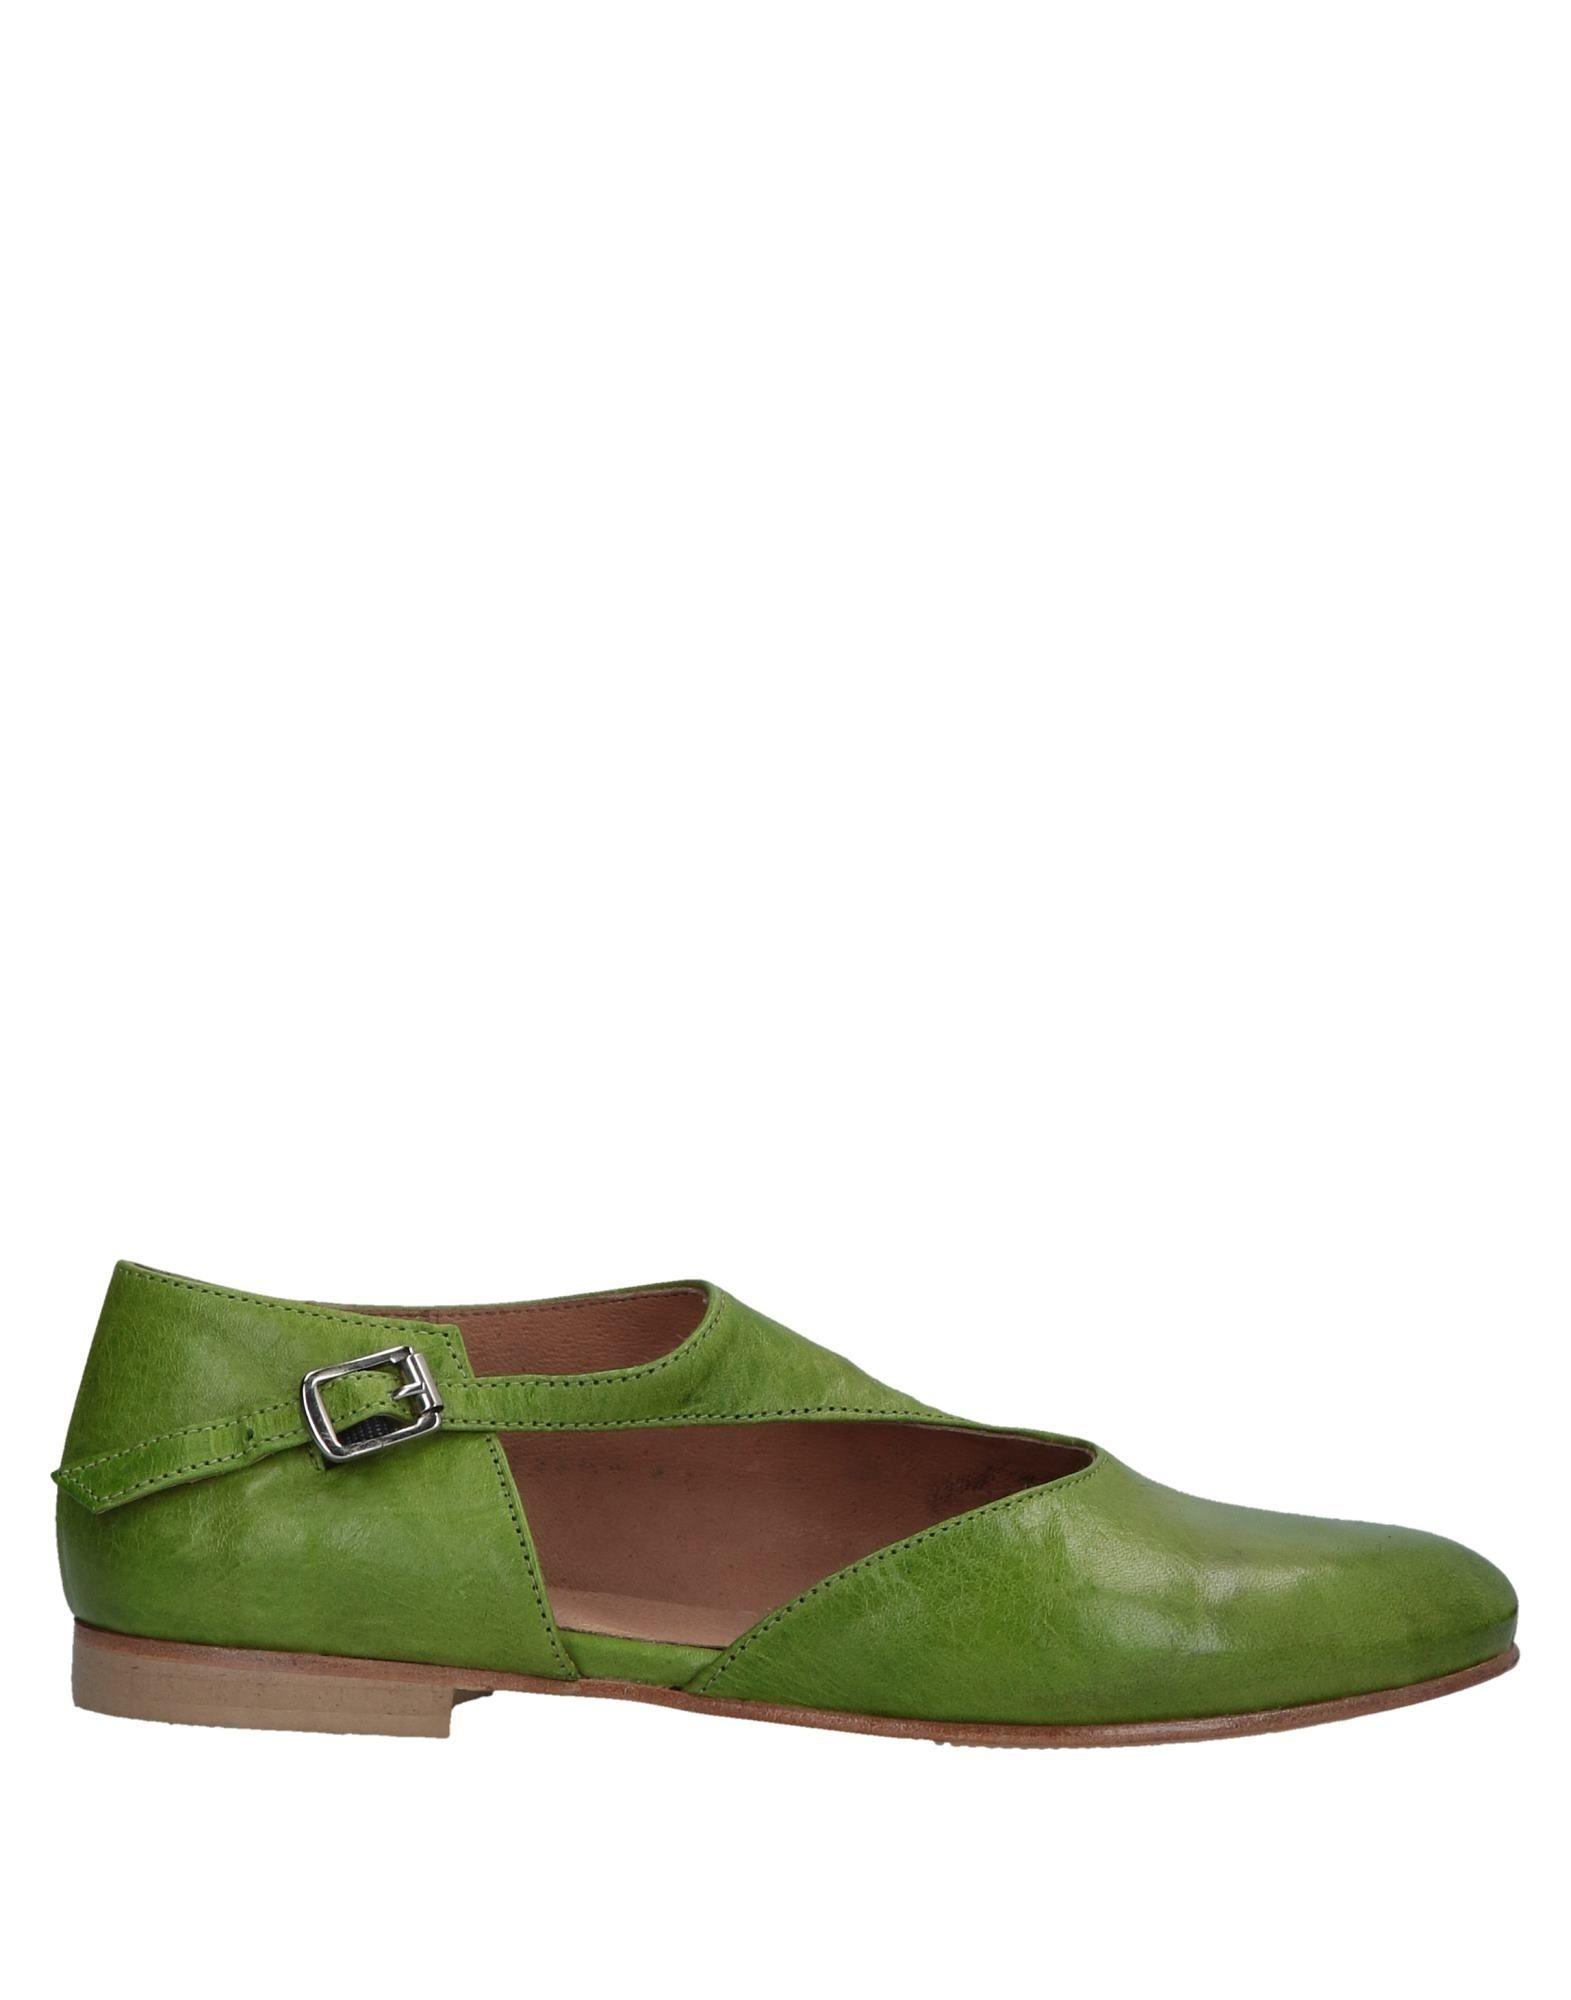 1725.A Loafers - Women 1725.A Loafers Loafers Loafers online on  United Kingdom - 11569909GG 65f5cc